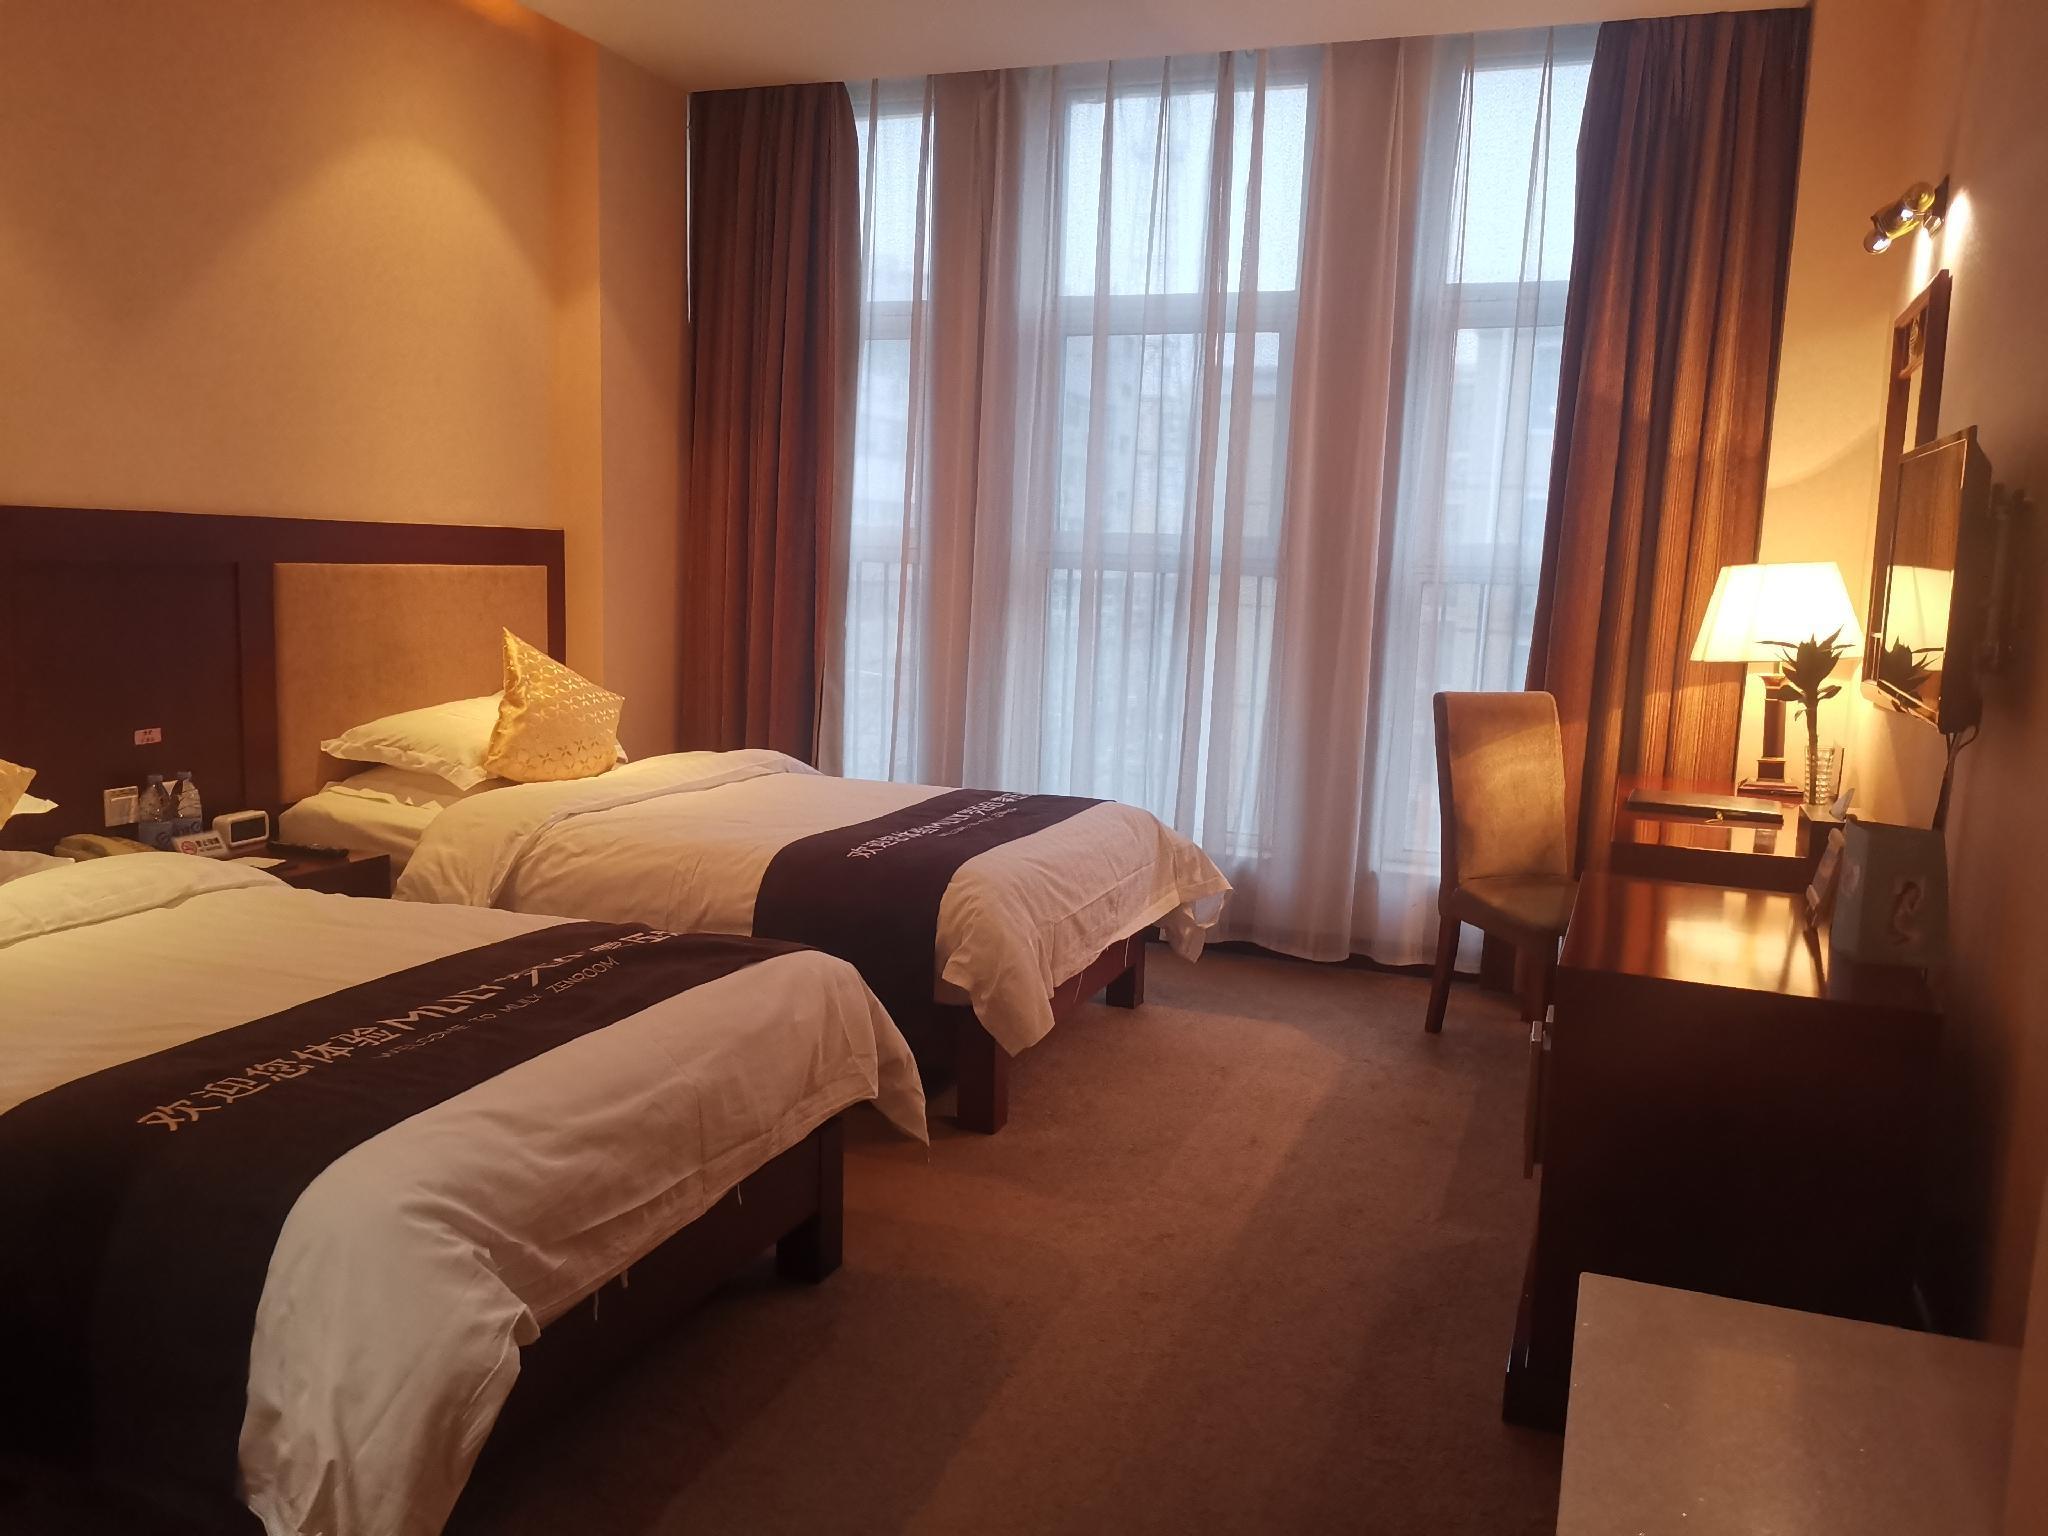 Zhangjiakou Hotel